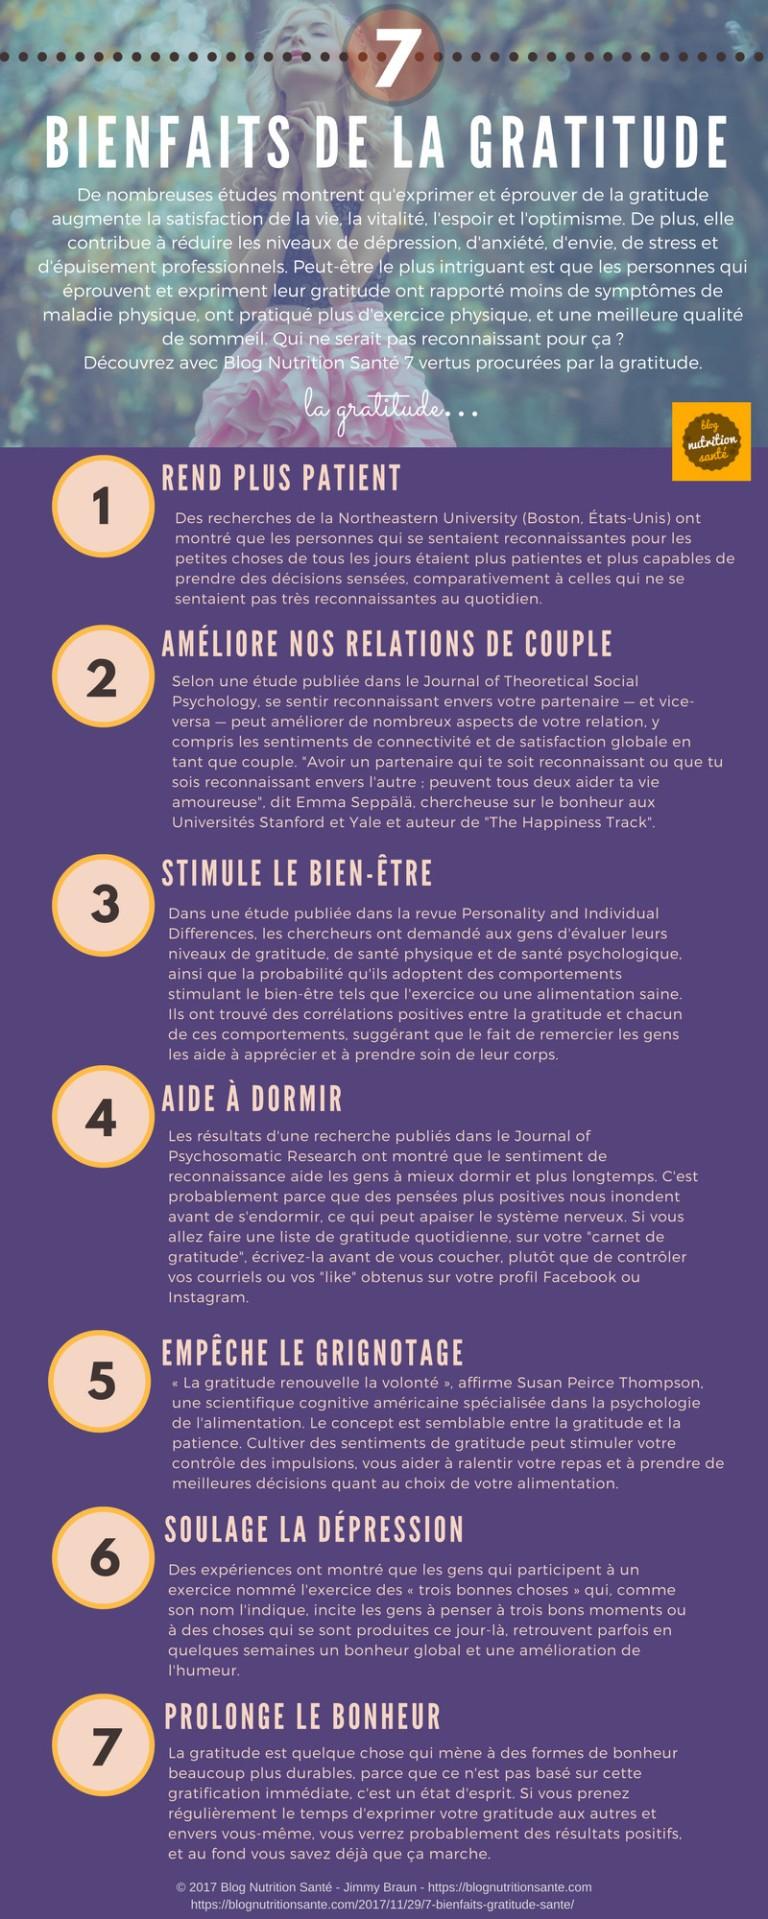 7 bienfaits de la gratitude (infographie)